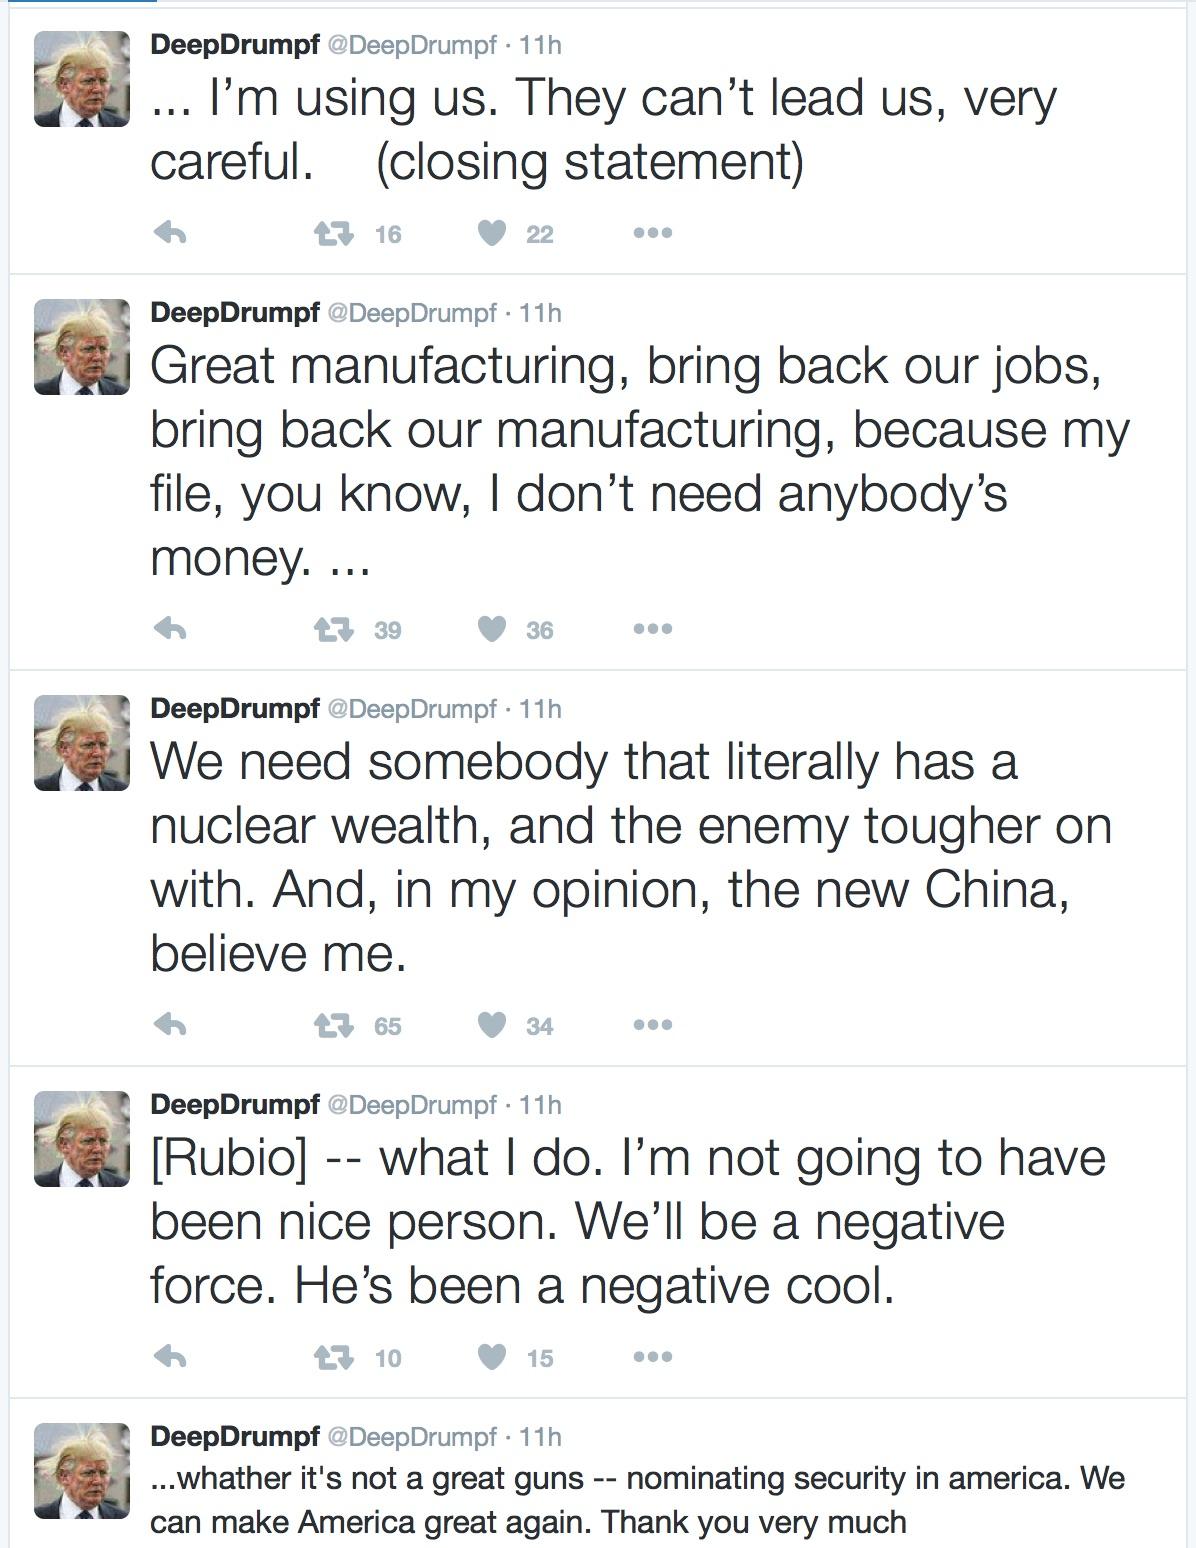 DeepDrumpf-Twitter-bot